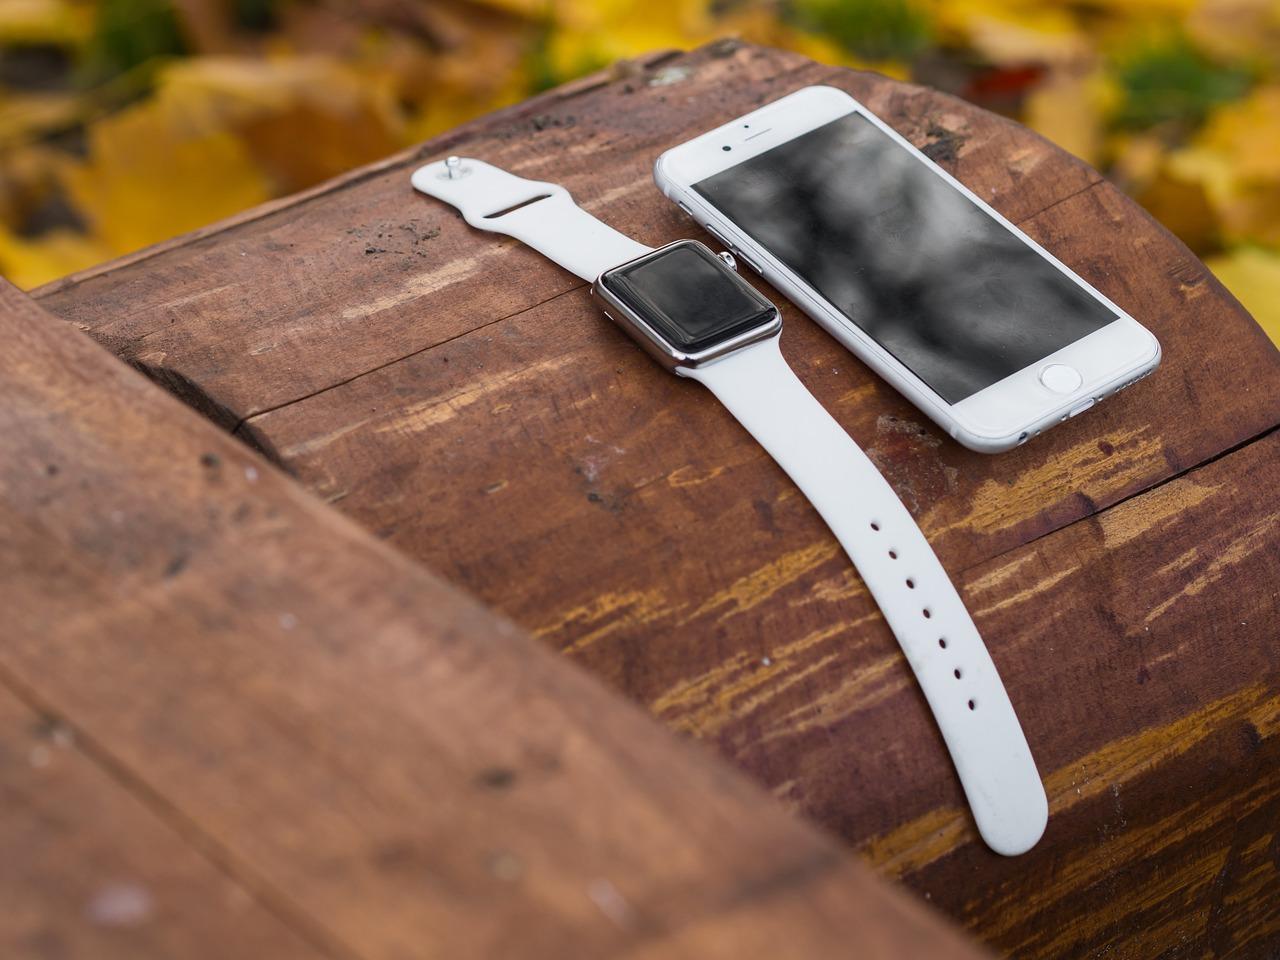 Une Apple Watch posée sur une table à côté d'un iPhone